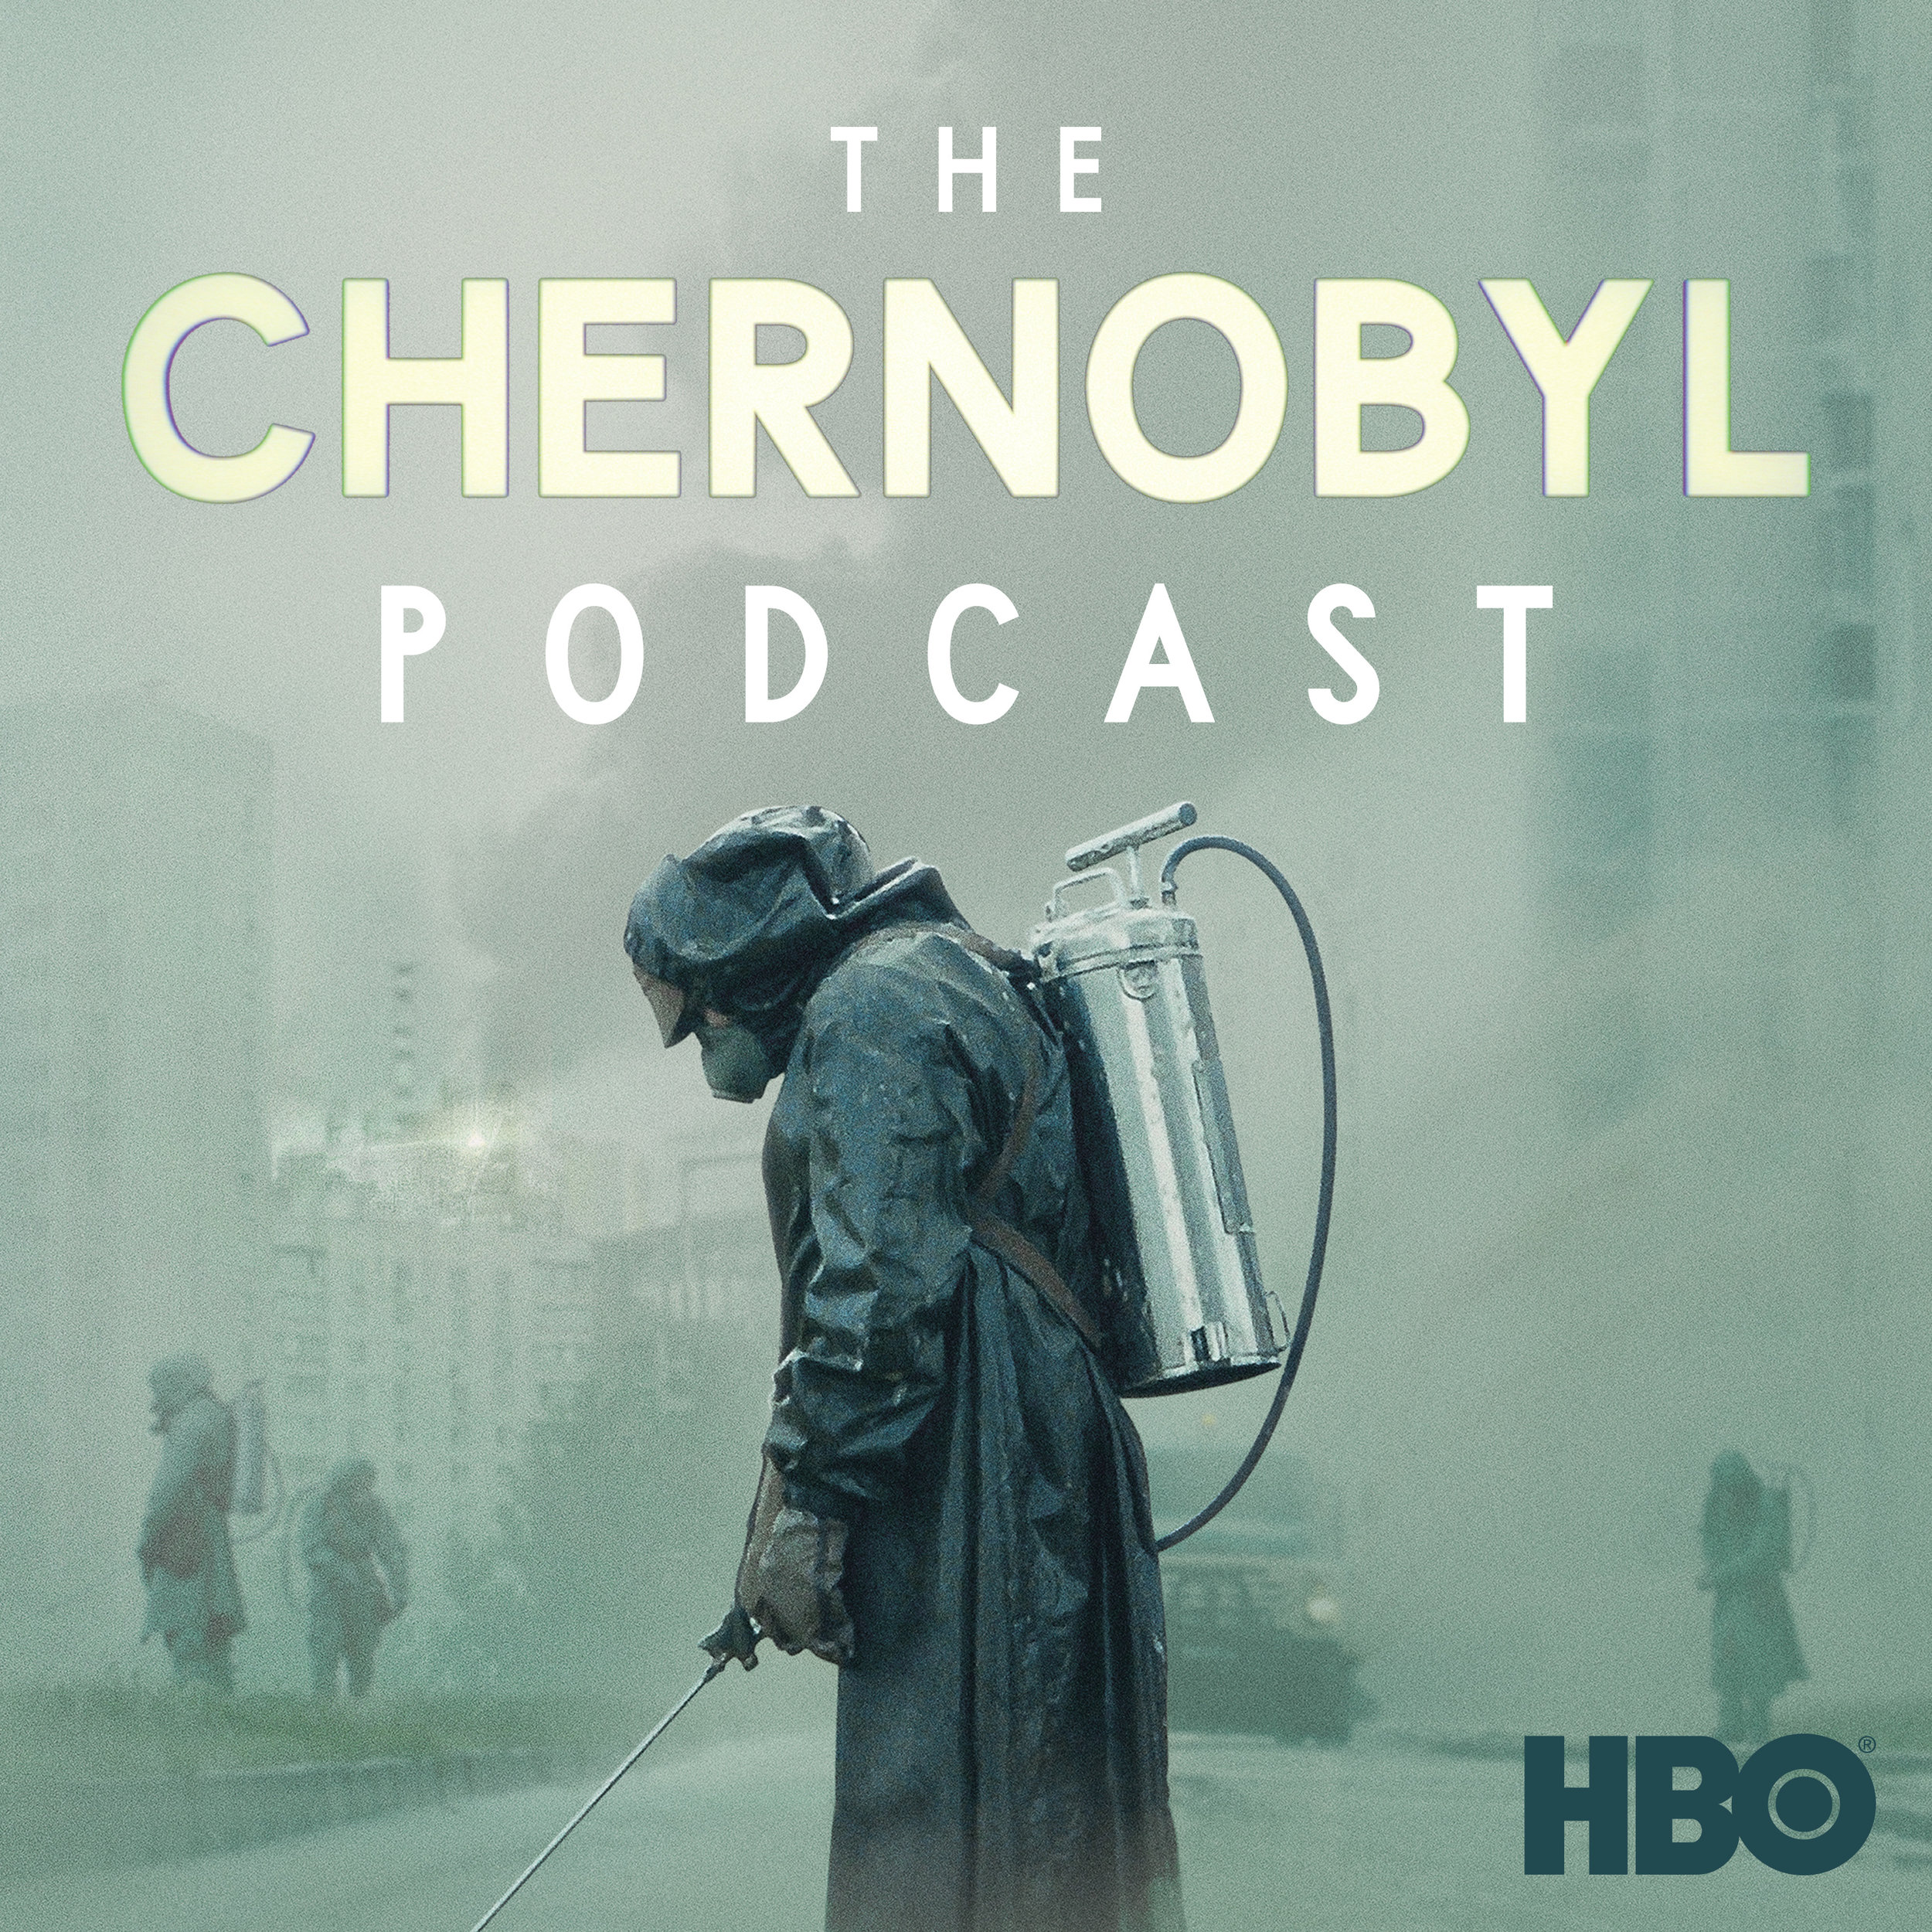 chernobyl-podcast-avatar copy.jpg